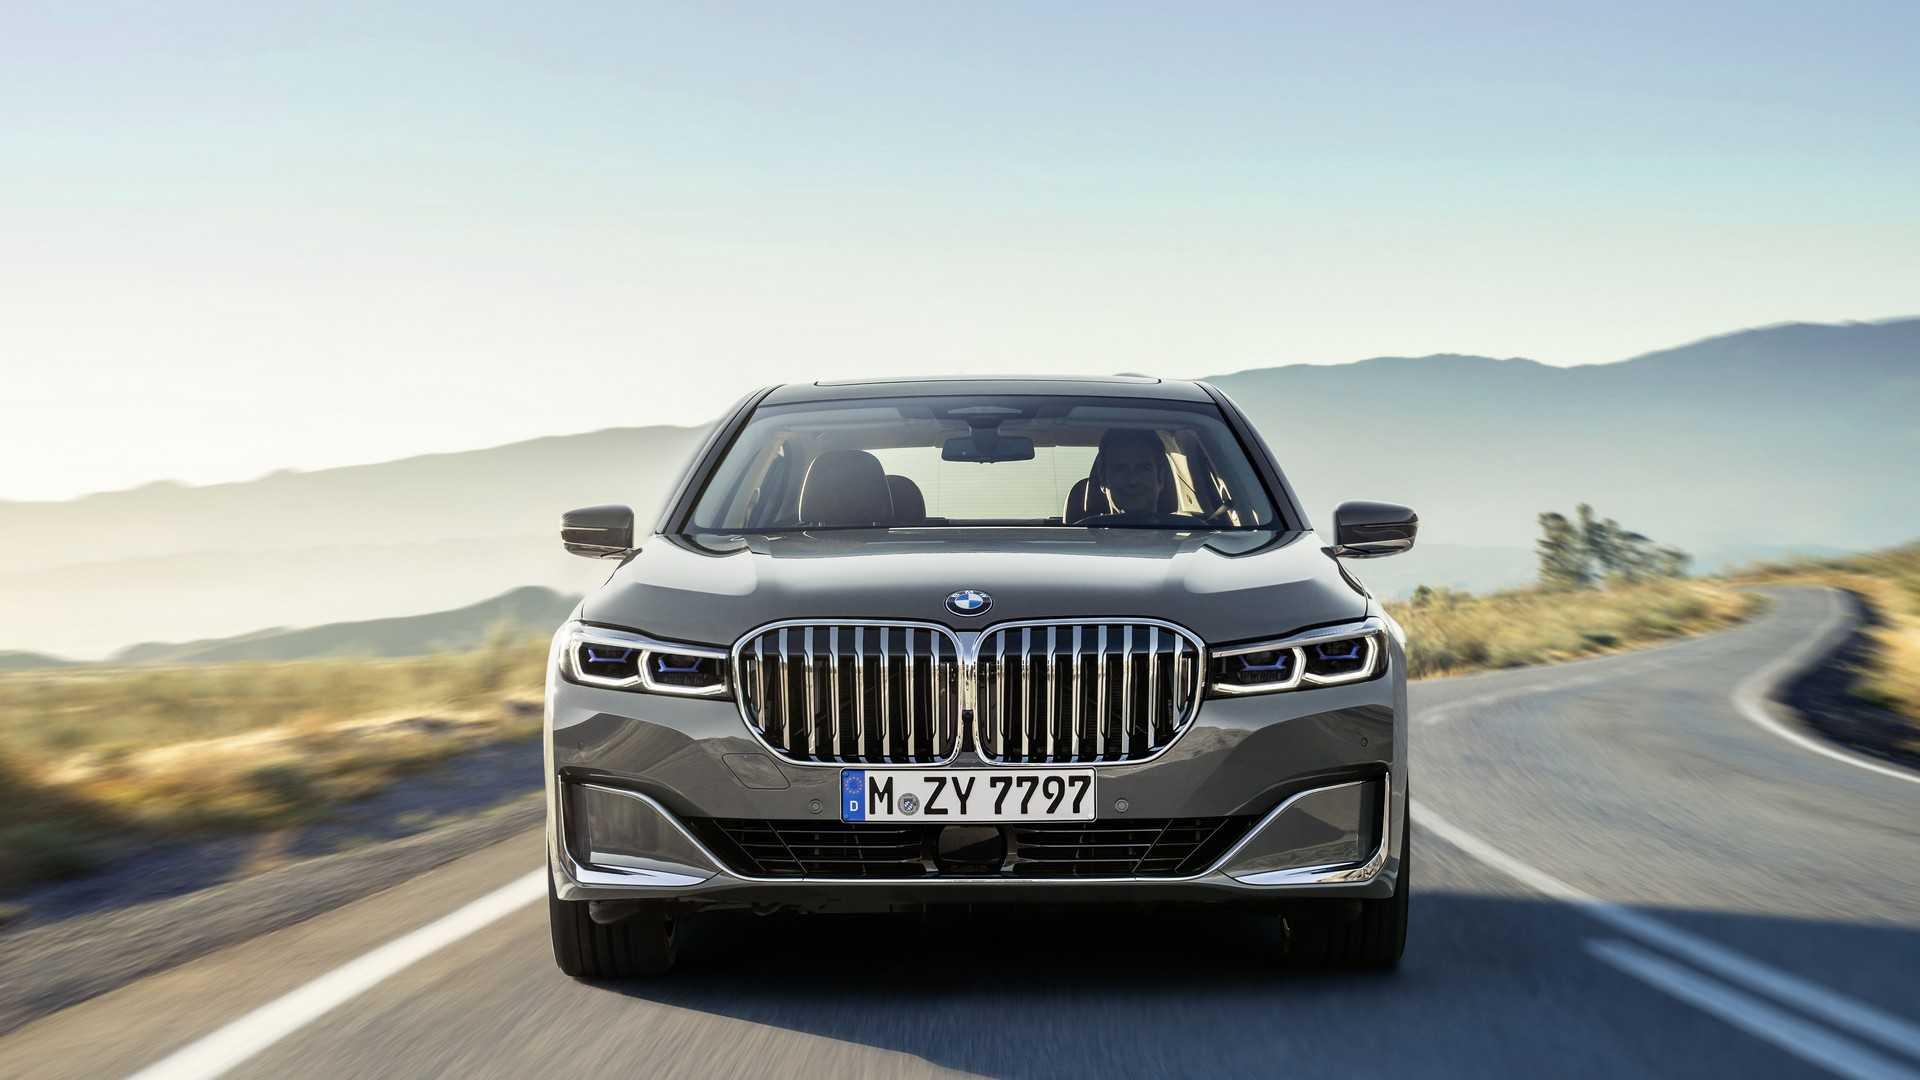 BMW 7 Series thế hệ mới sẽ có thêm bản chạy điện hoàn toàn - 21